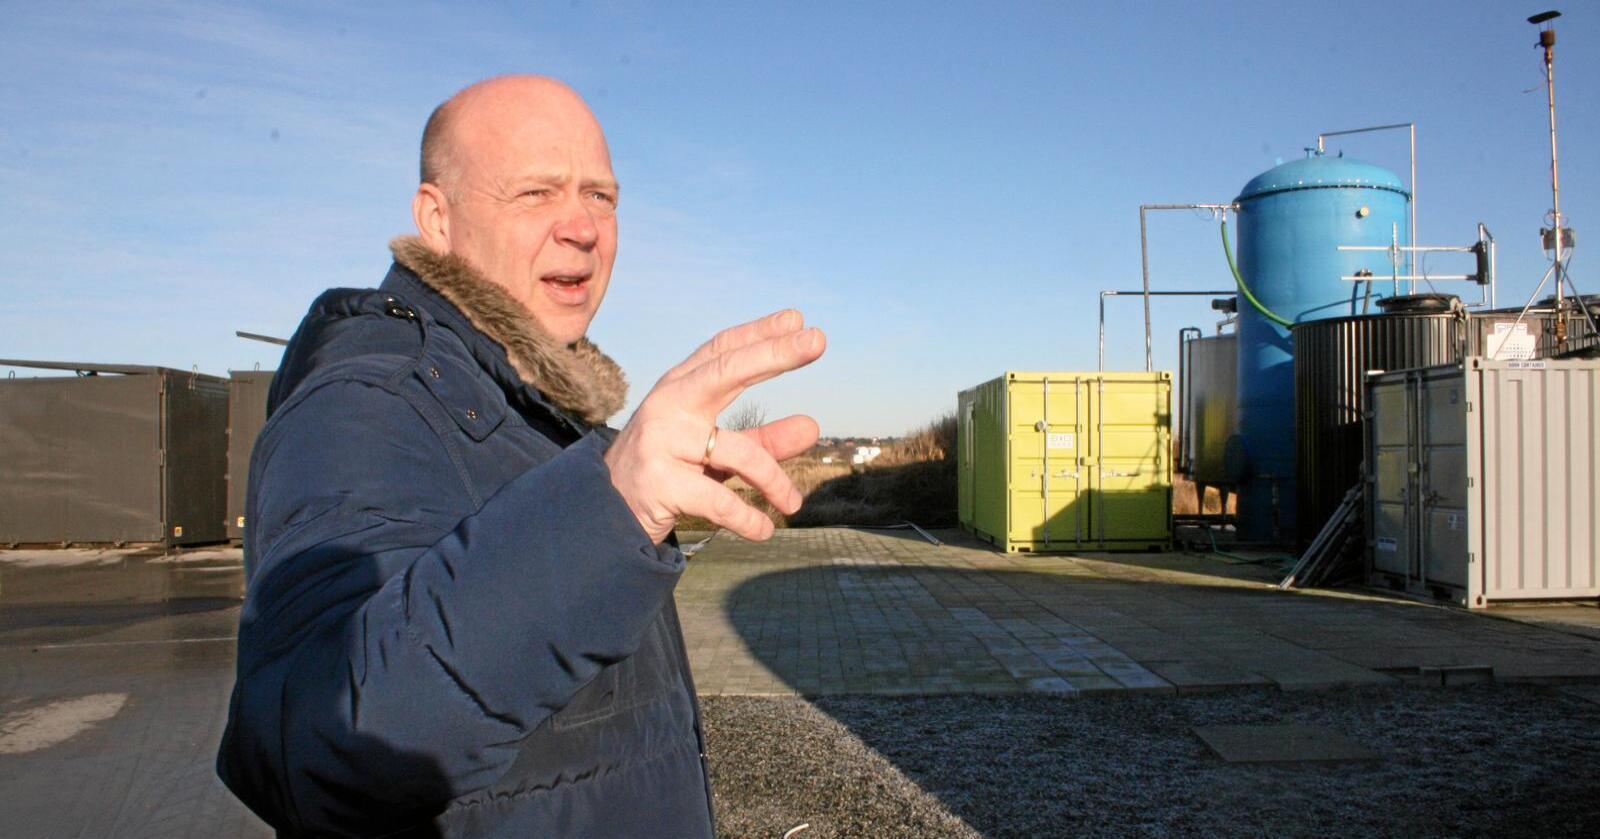 Pilotanlegg: Dagleg leiar i Agri-e AS, Egil Vigdel, vil bygge eit pilotanlegg for produksjon av hydrogen basert på biogass frå husdyrgjødsel. Anlegget er tenkt bygd